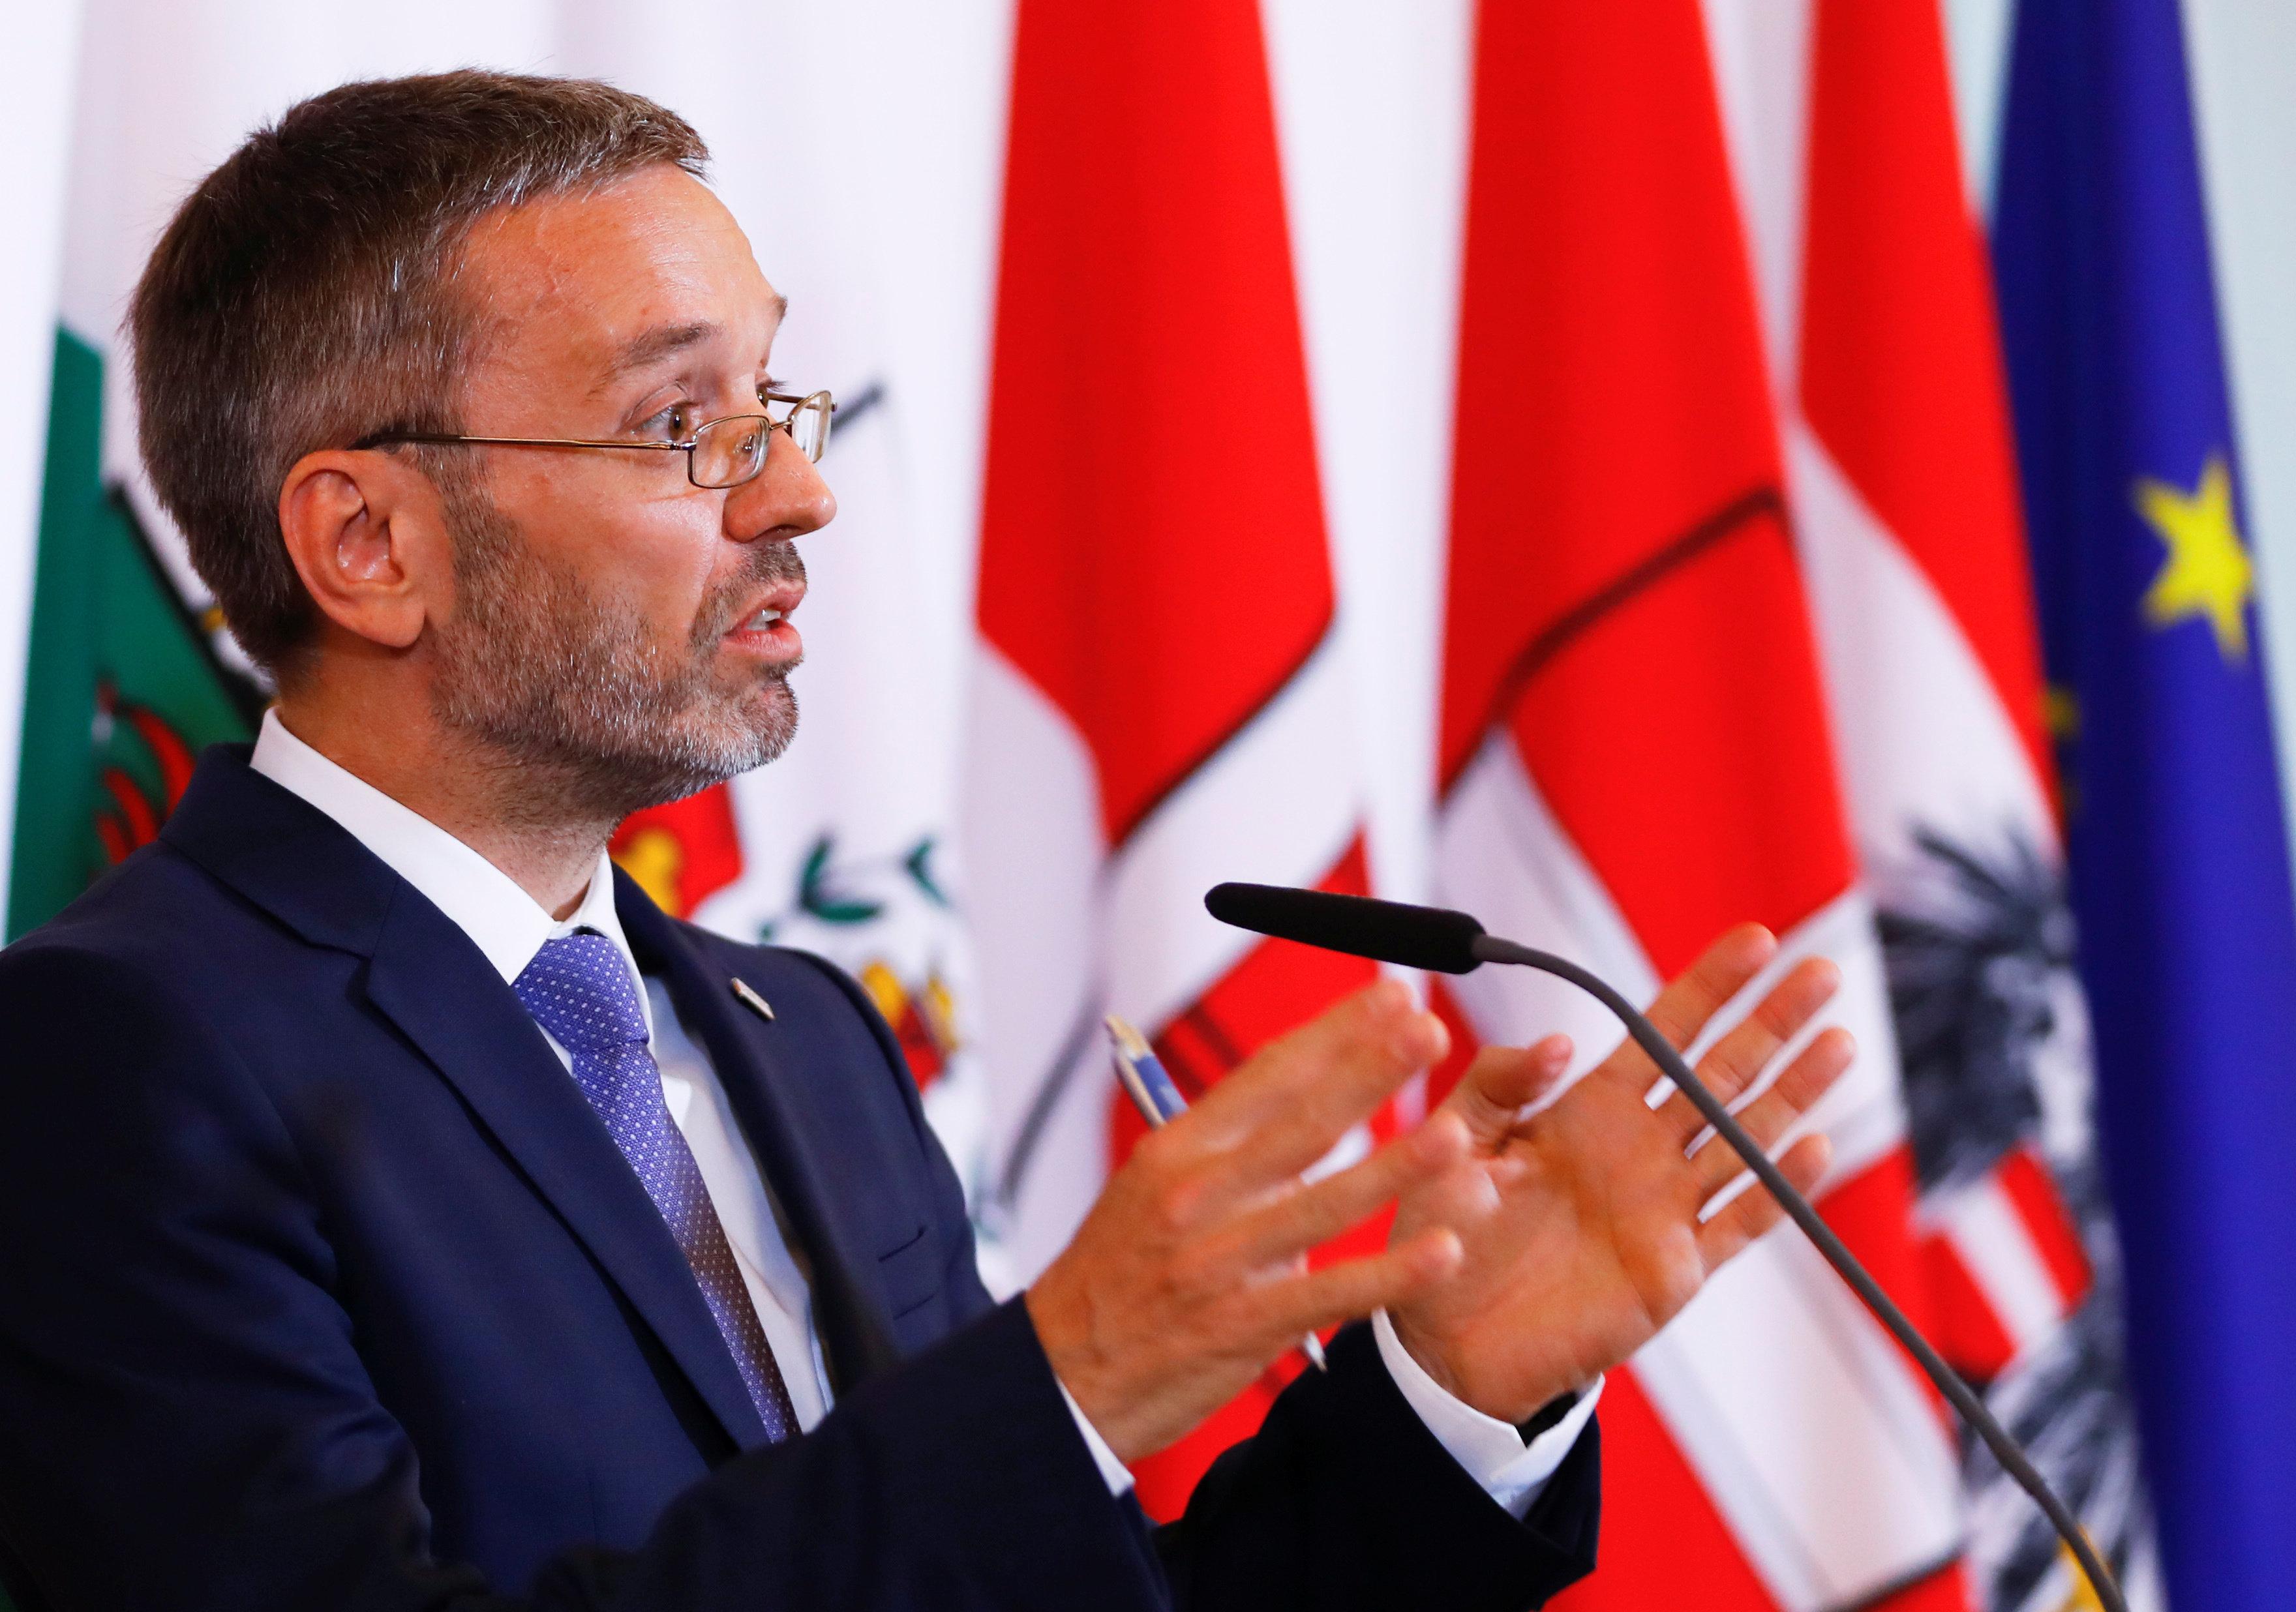 Η Αυστρία ανακοίνωσε την μεγαλύτερη έως τώρα άσκηση προστασίας